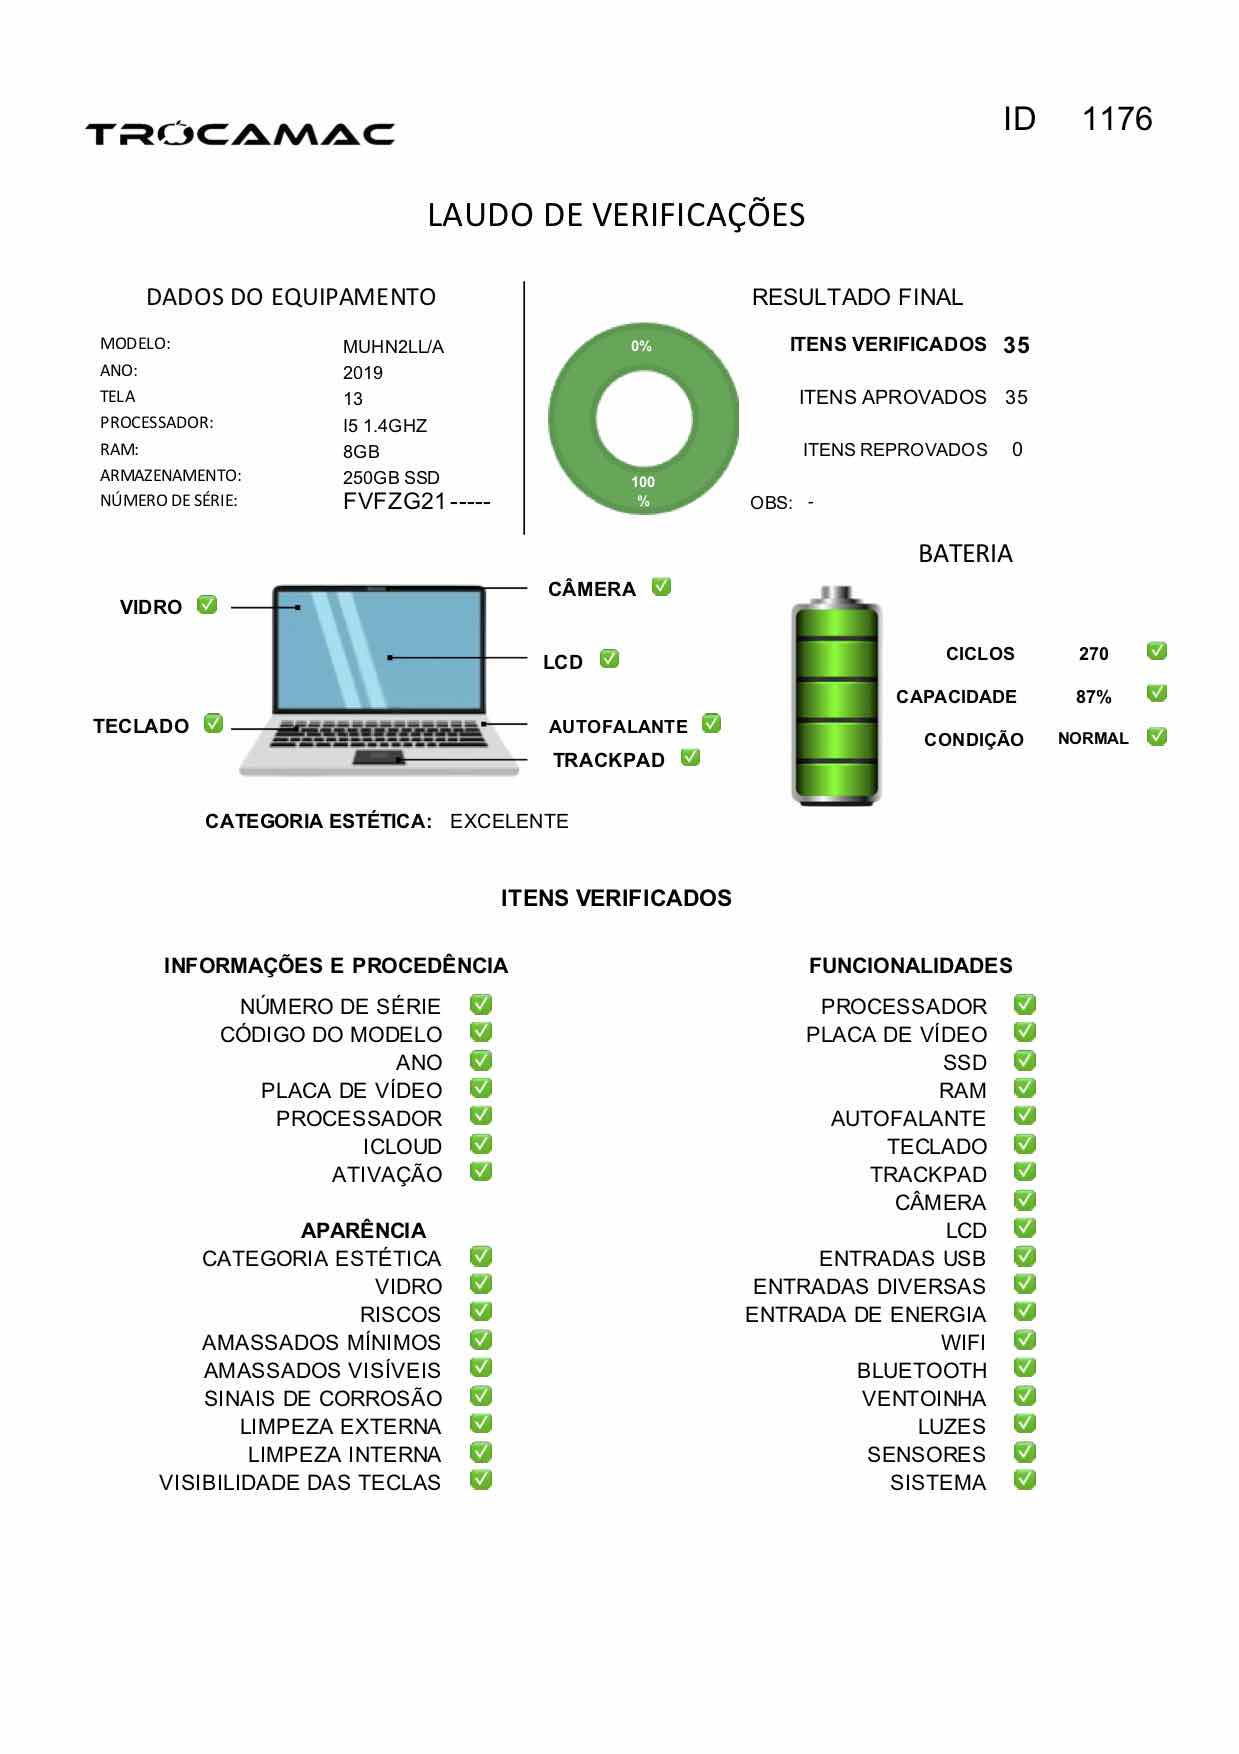 Macbook Pro 13 Touch Bar Space Grey i5 1.4Ghz 8GB 256GB SSD MUHN2LL/A Seminovo